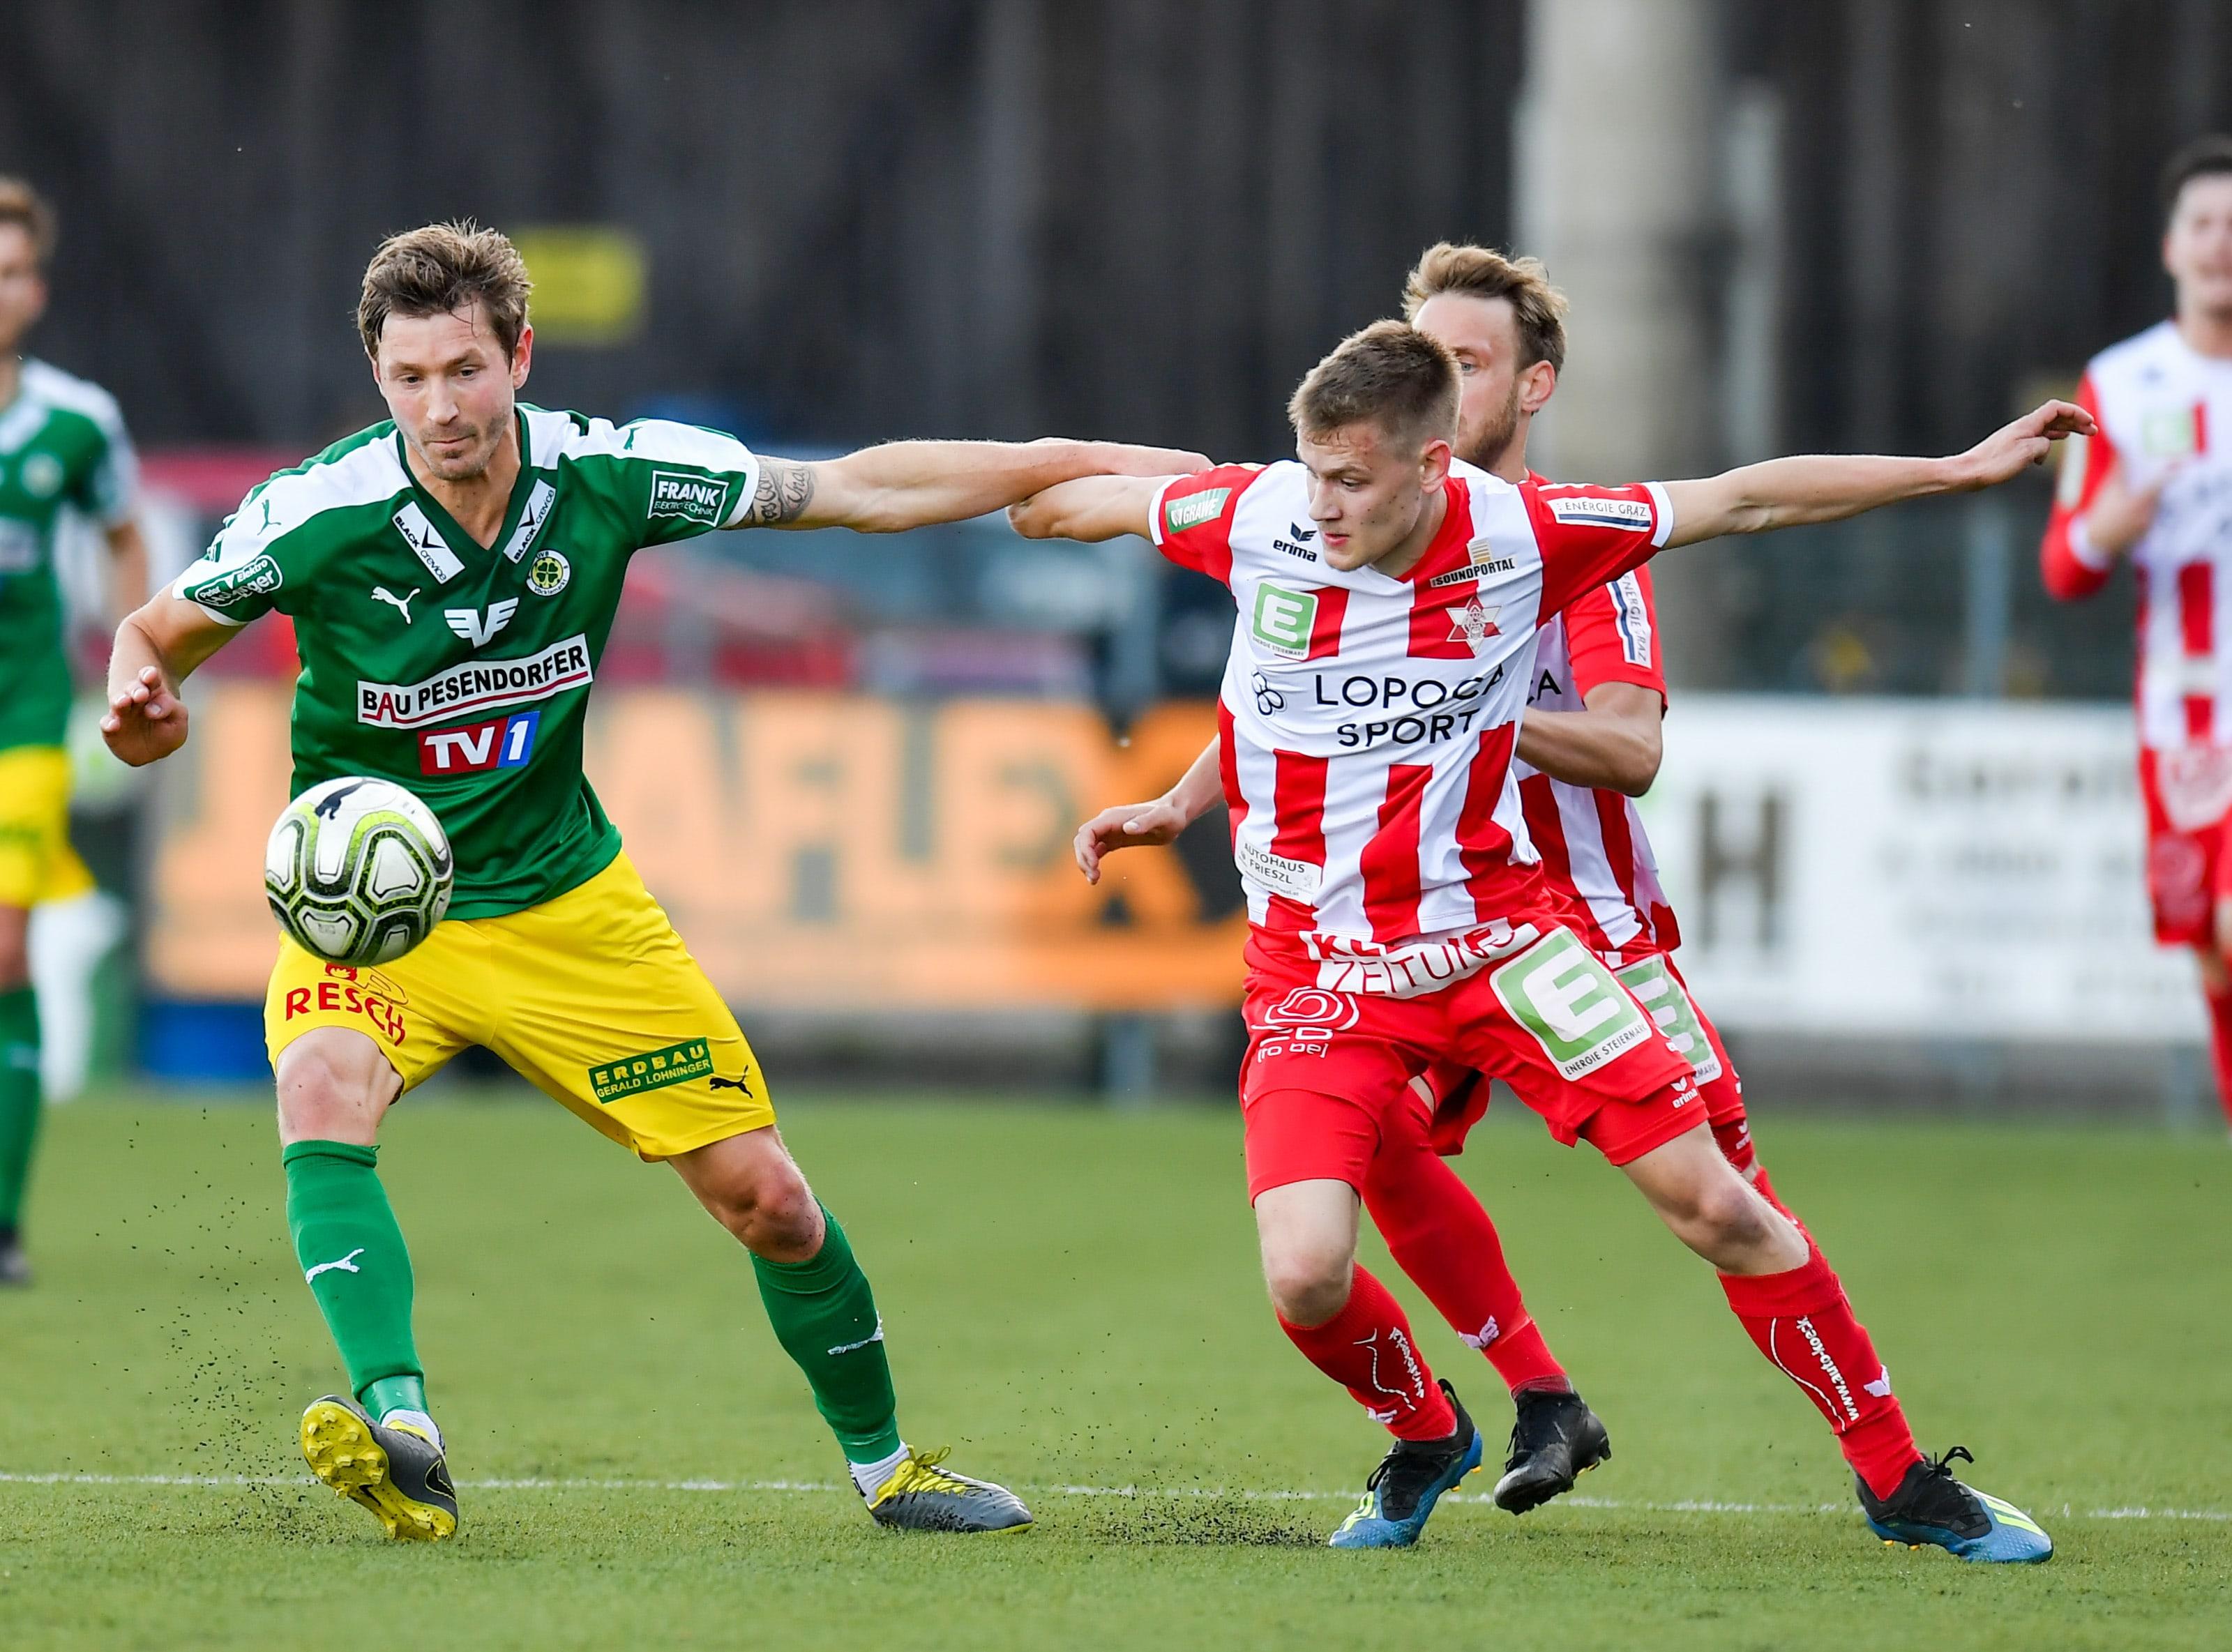 Fussball UVB Vocklamarkt vs GAK 1902 10.05.2019 15 min